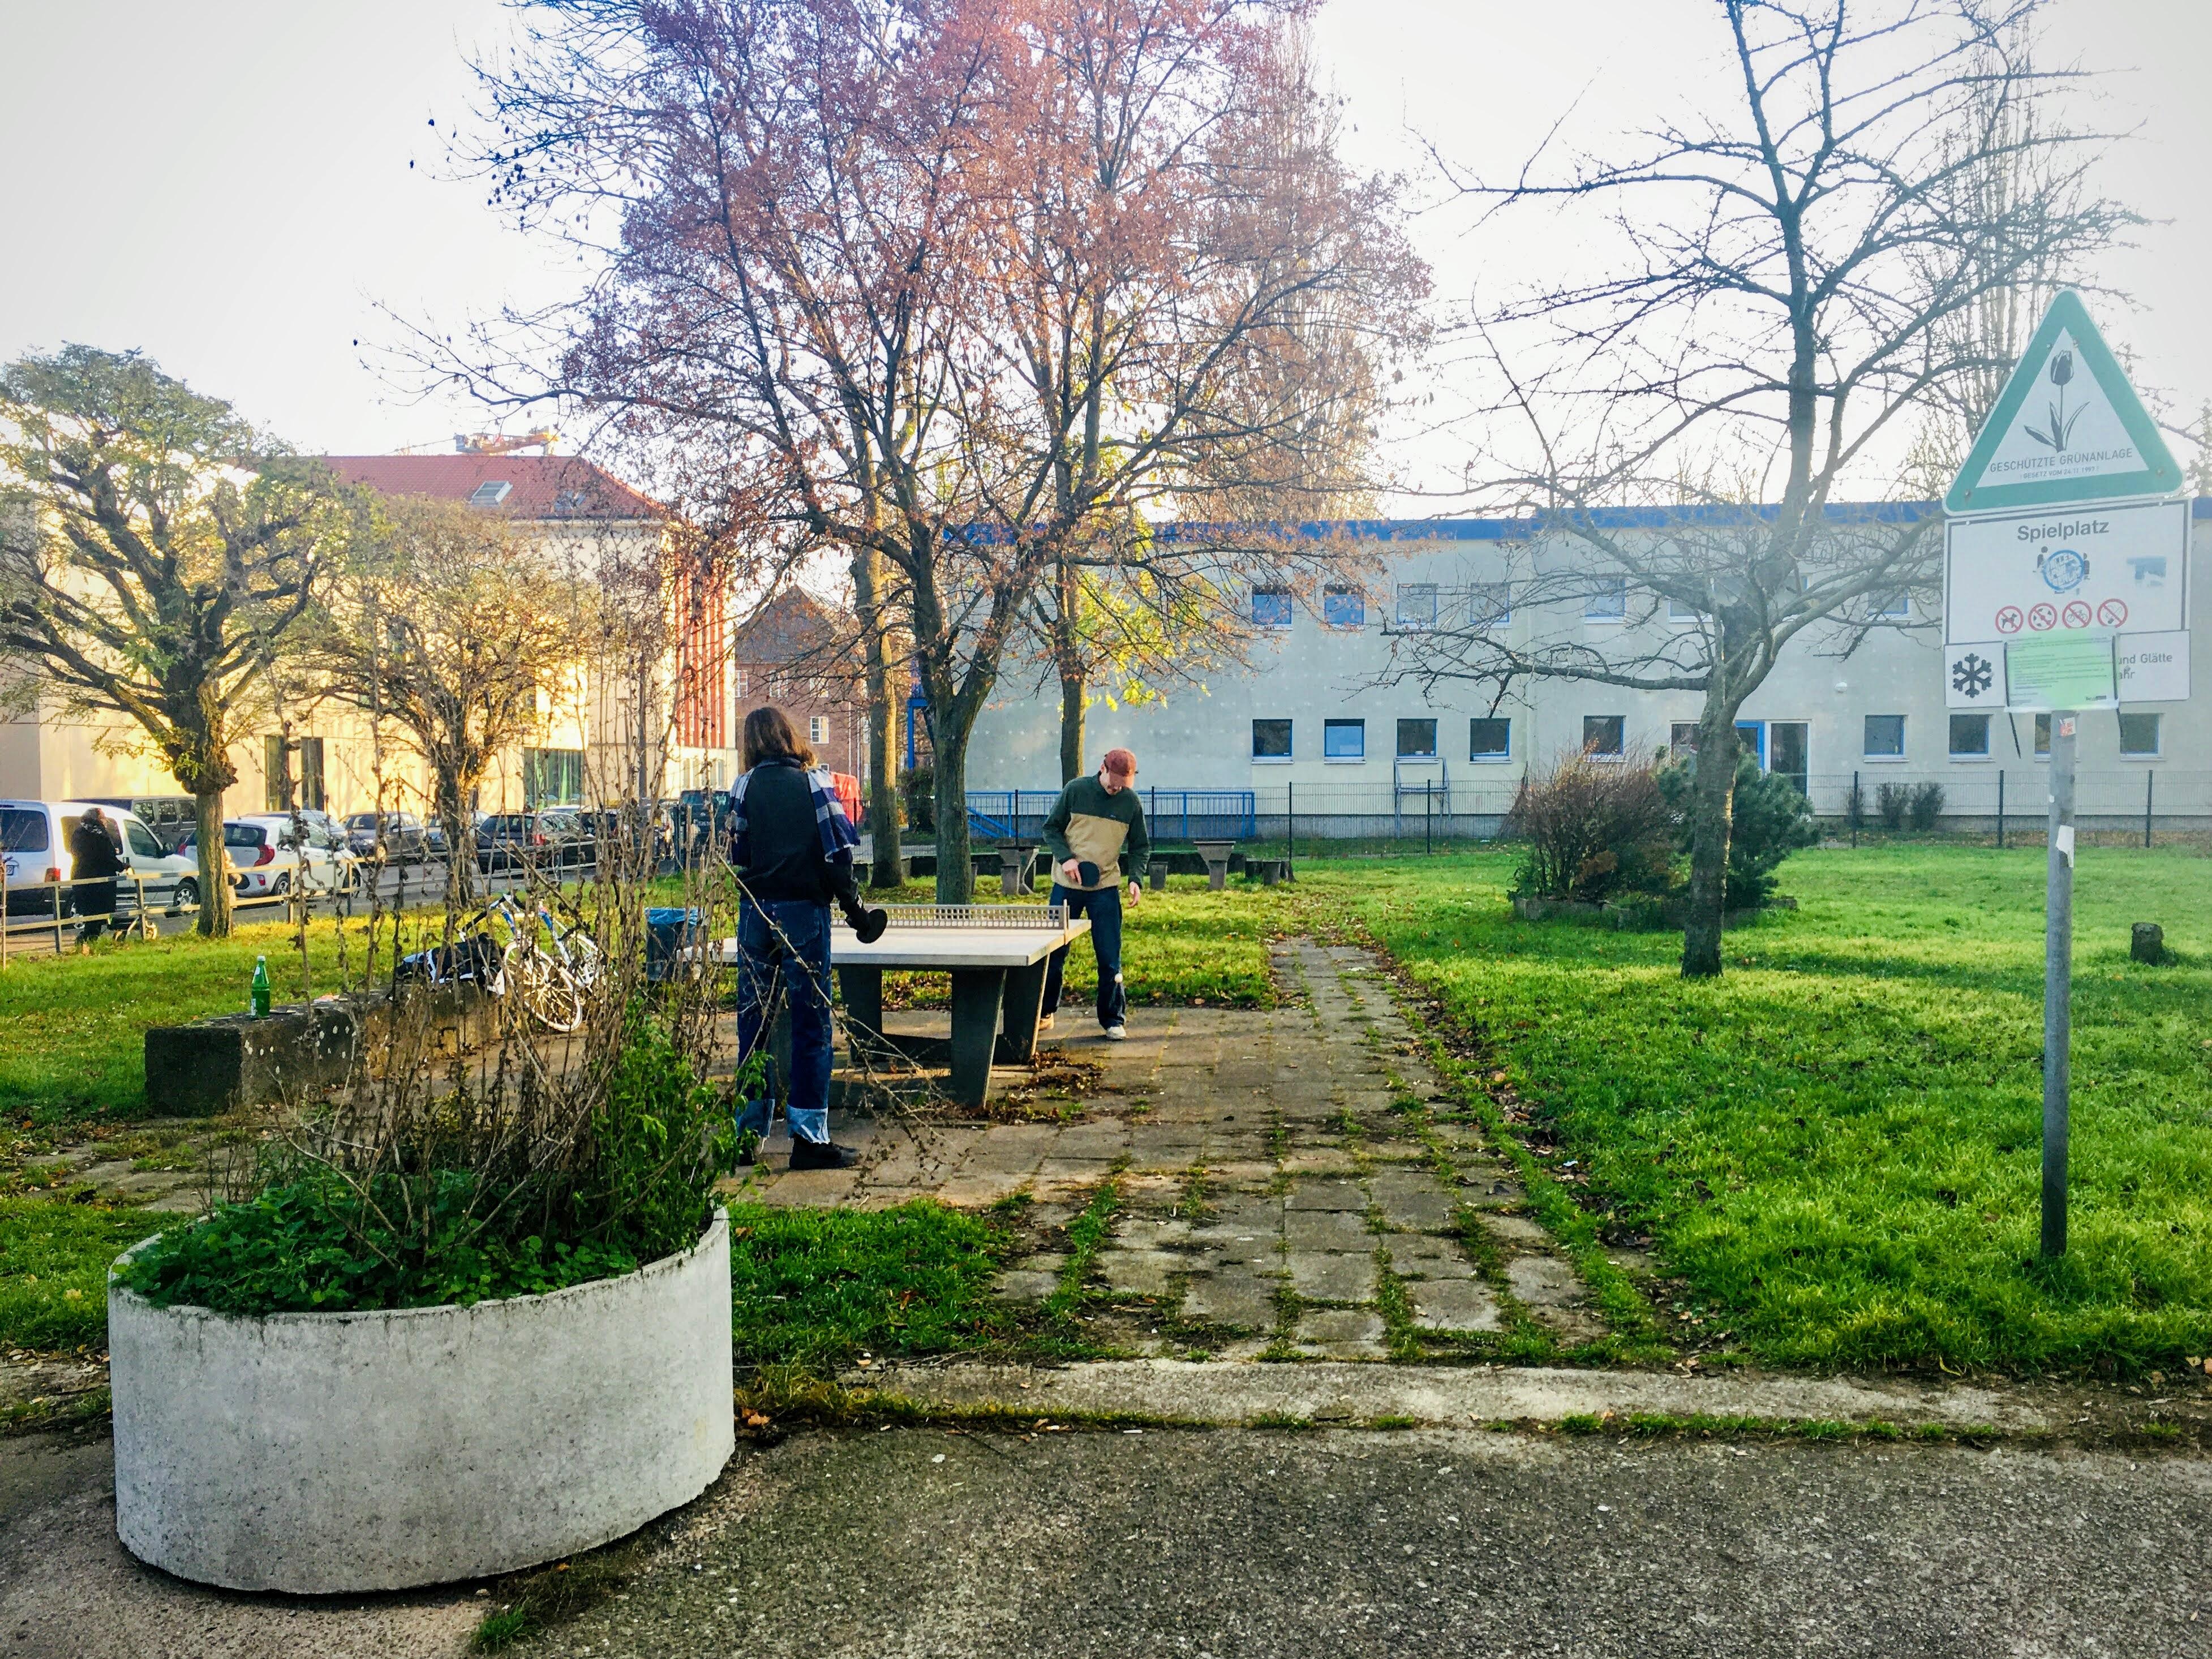 Öffentlicher Schein-Kinderspielplatz gegenüber Kunsthochschule Weißensee Dezember 2020